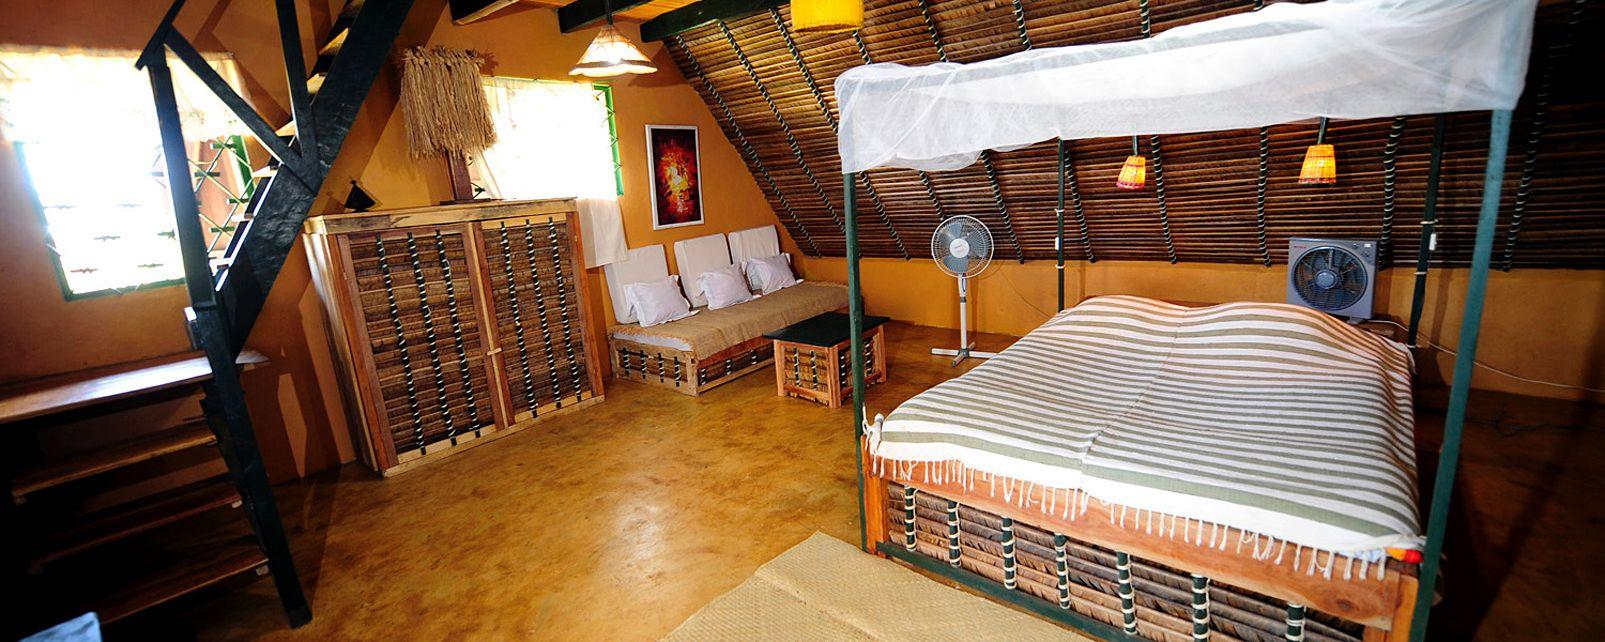 Hotel Ambonara